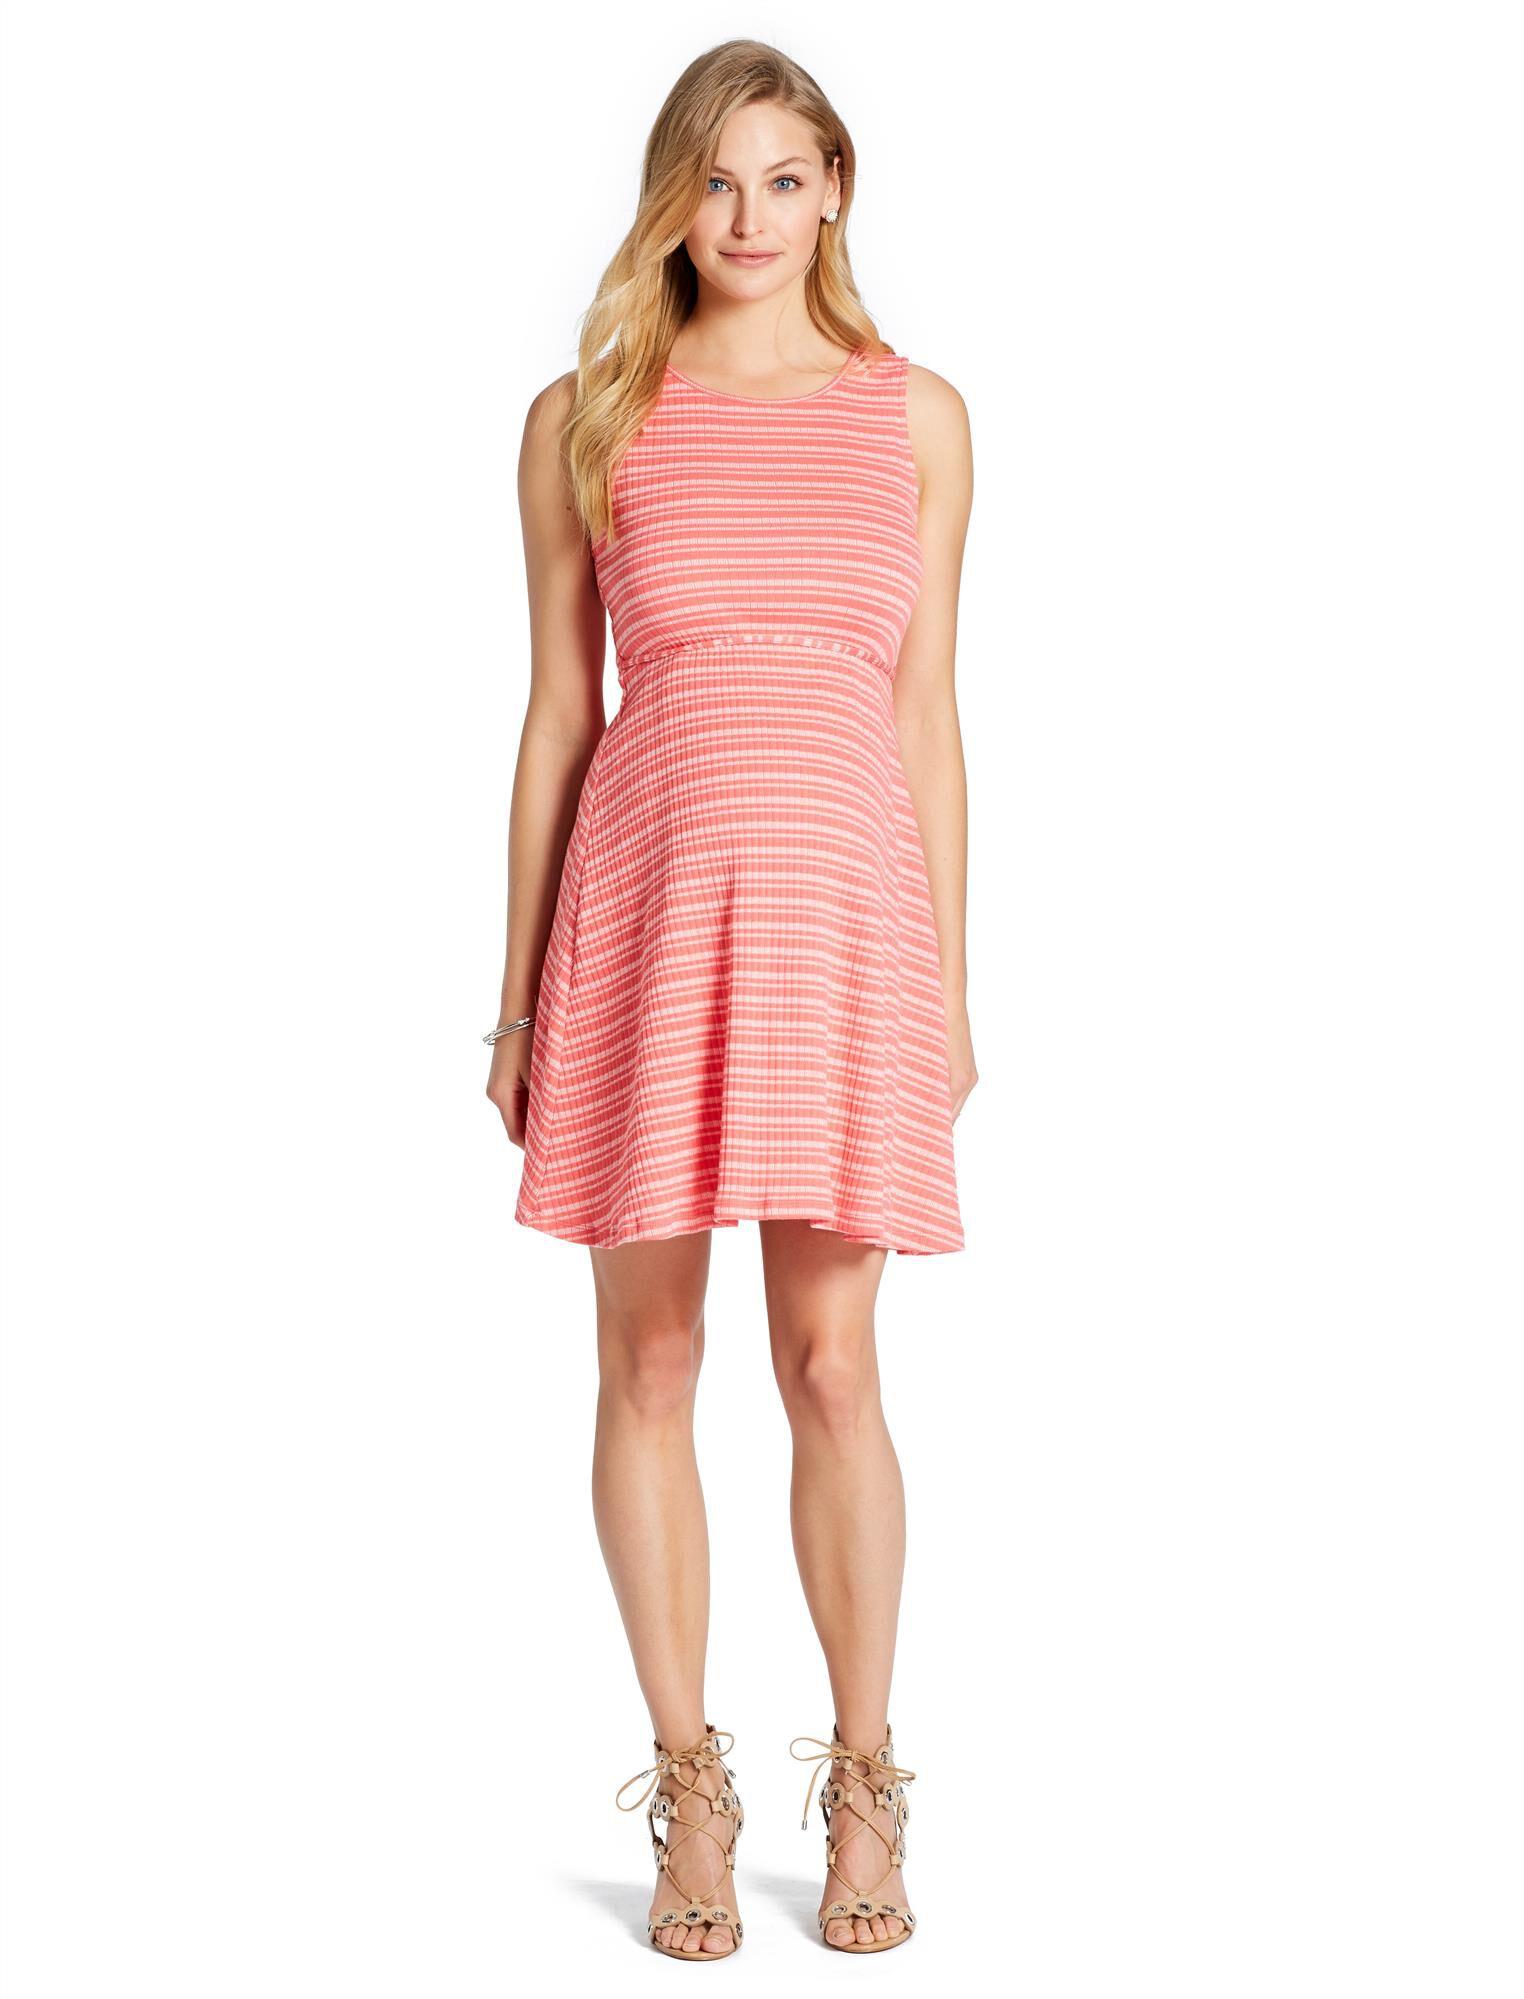 Jessica Simpson Rib Knit Maternity Dress